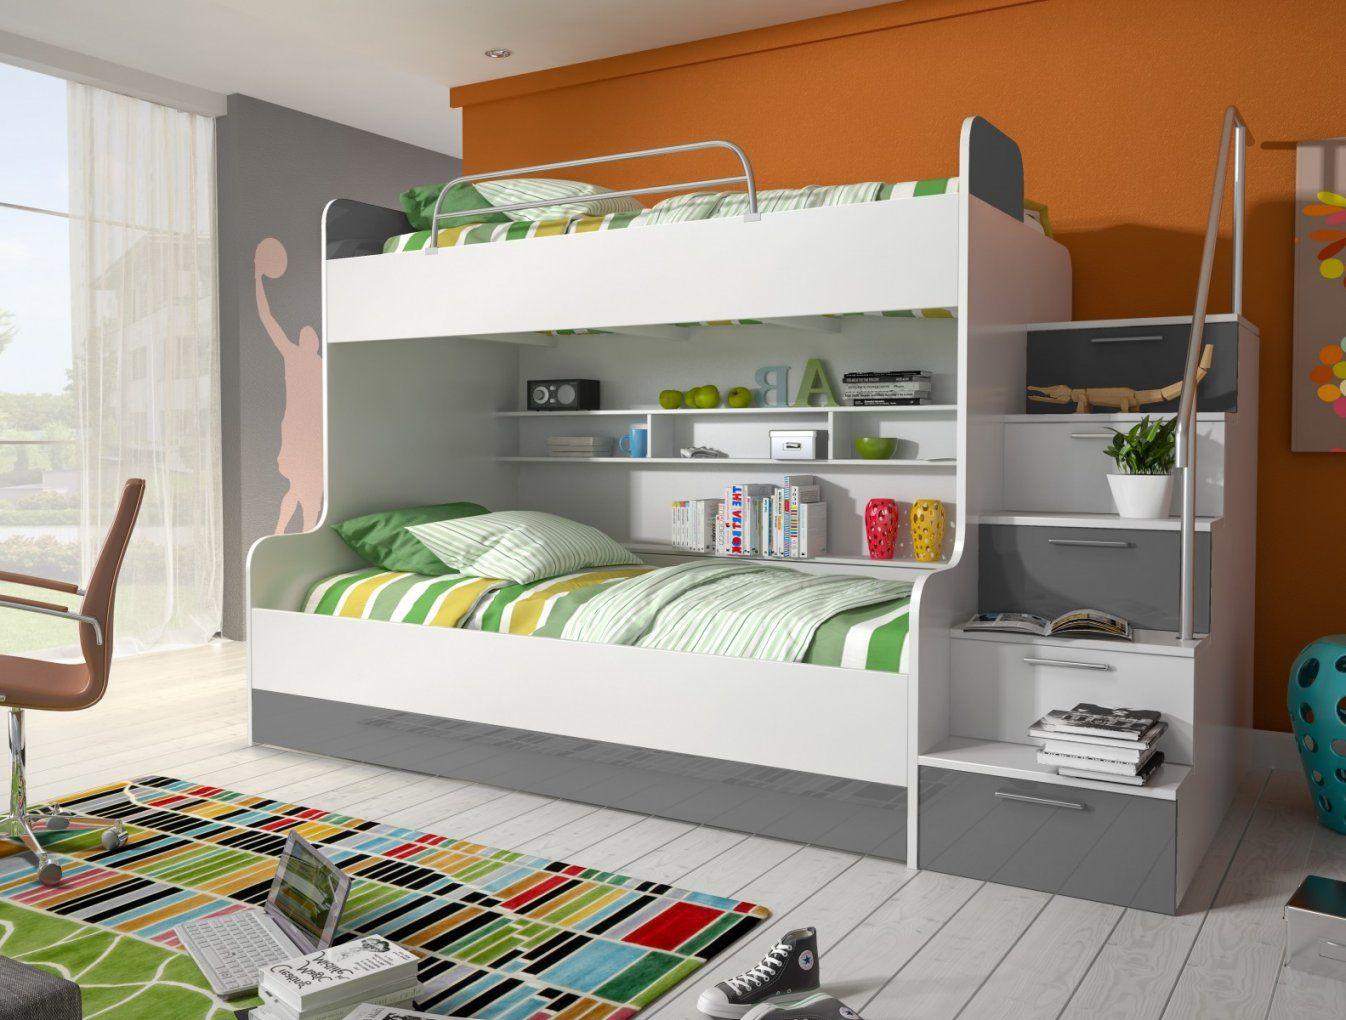 Etagenbett Für Erwachsene 100 Kg : Hochglanz etagenbett doppelbett alex möbel für dich online shop